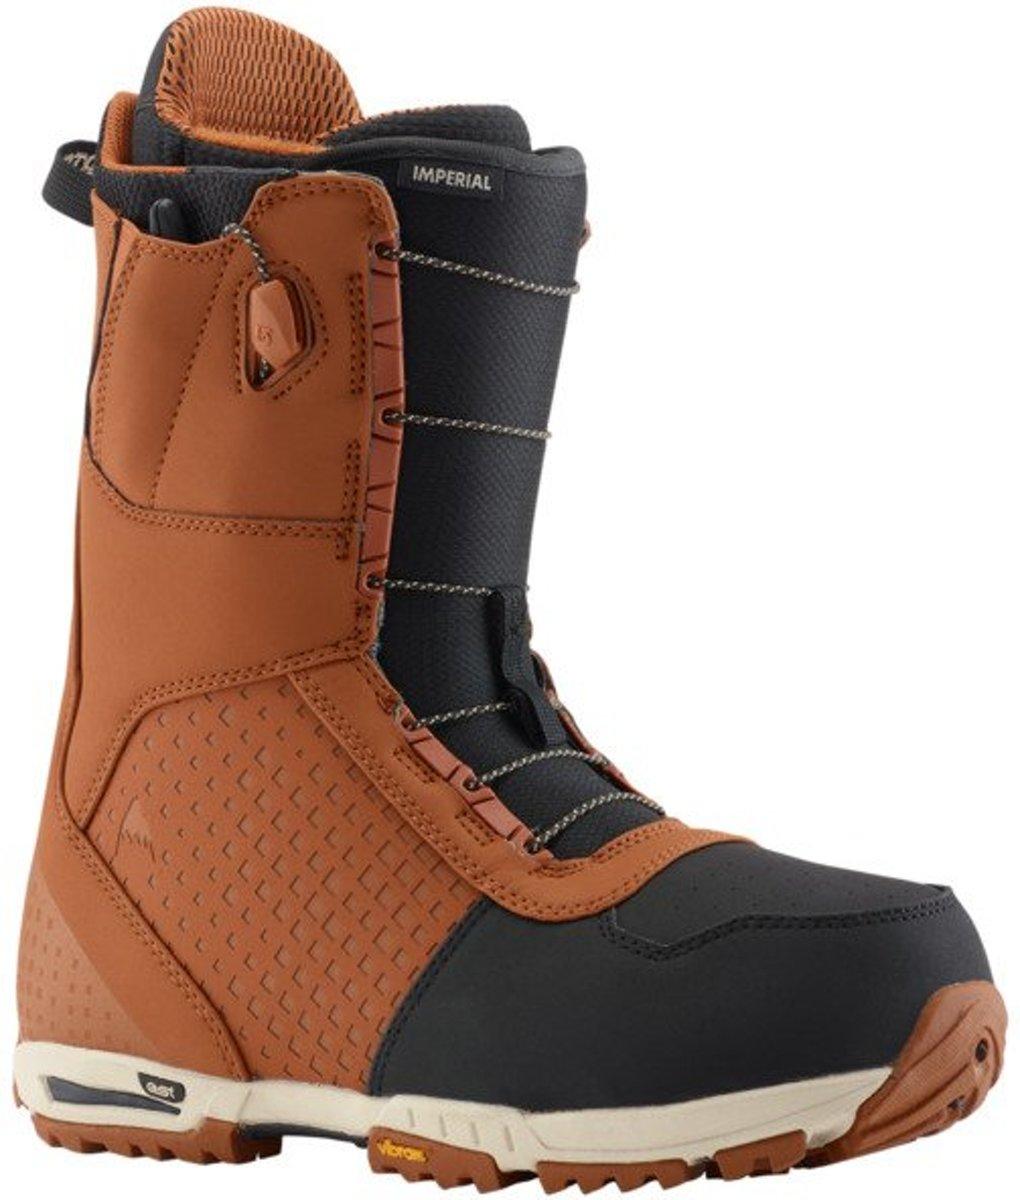 Burton Imperial snowboardschoen bruin / zwart kopen